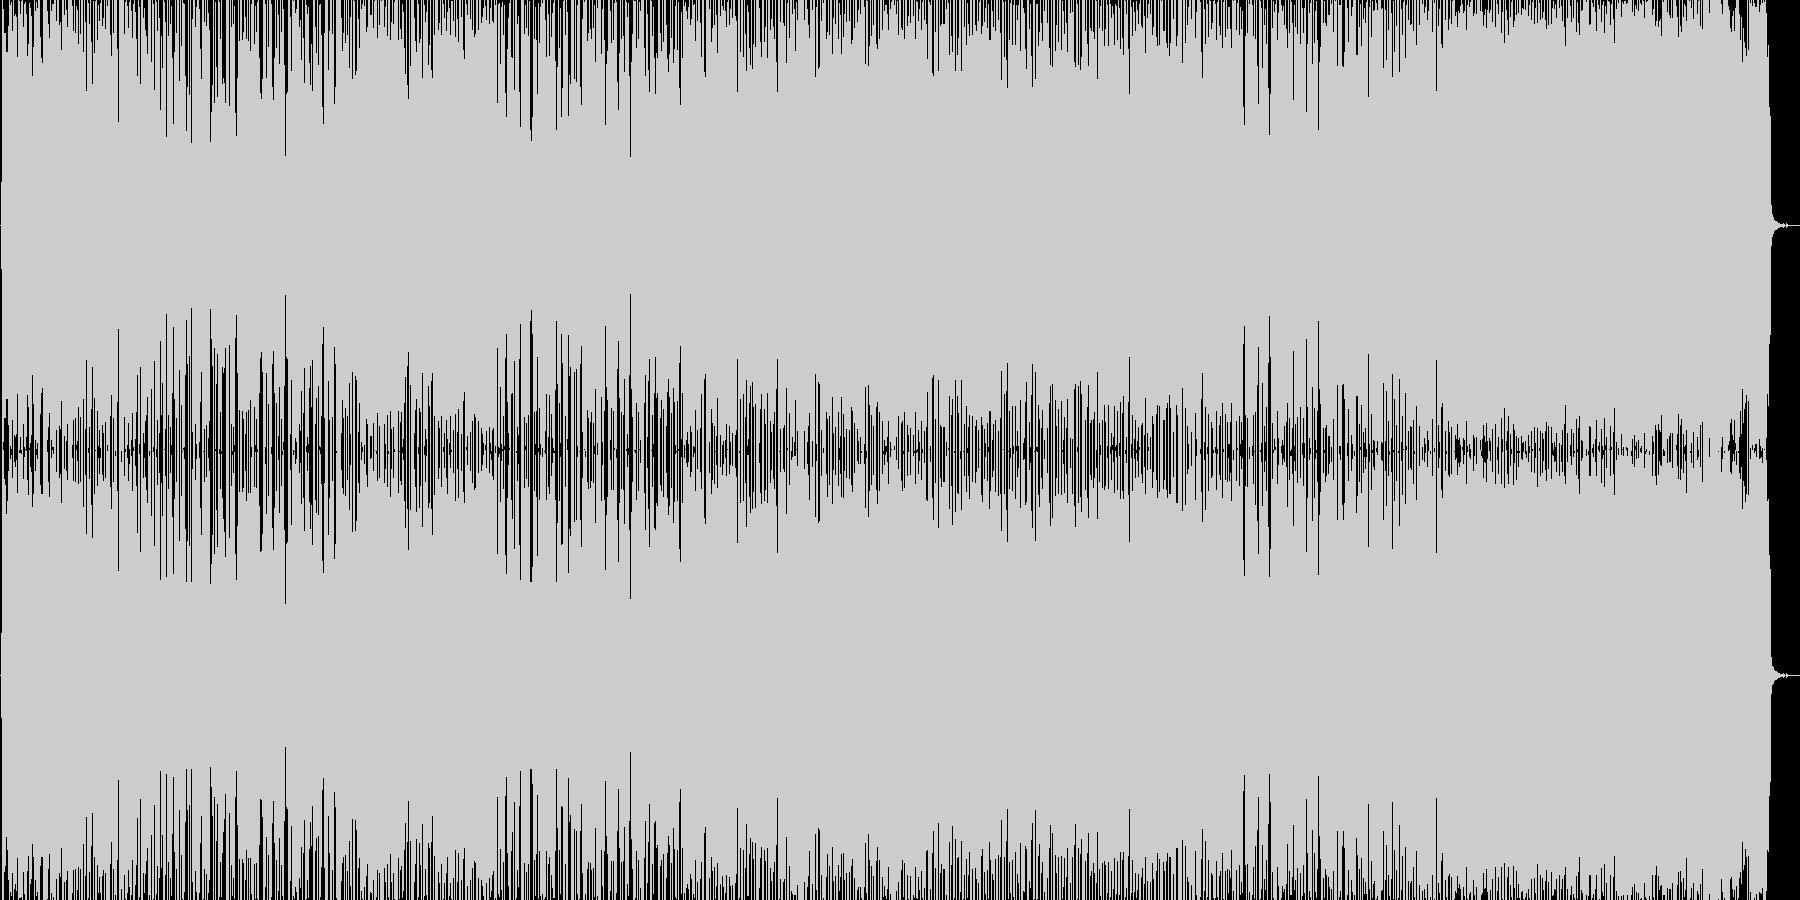 ミドルテンポの曲で主人公登場シーンや格…の未再生の波形